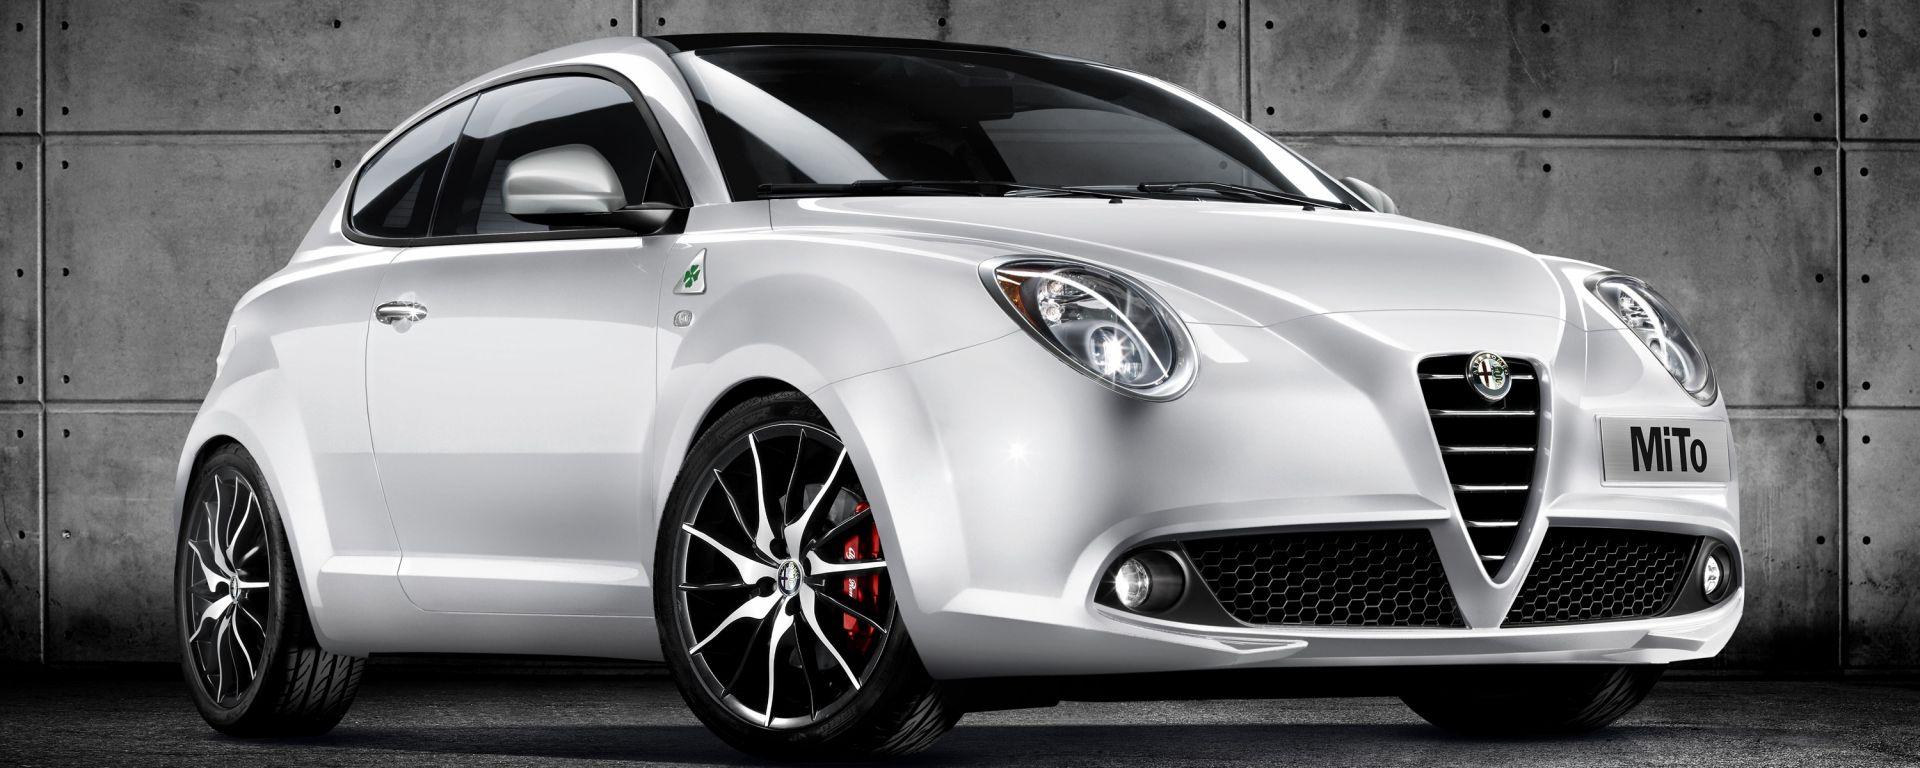 Alfa Romeo MiTo my 2011